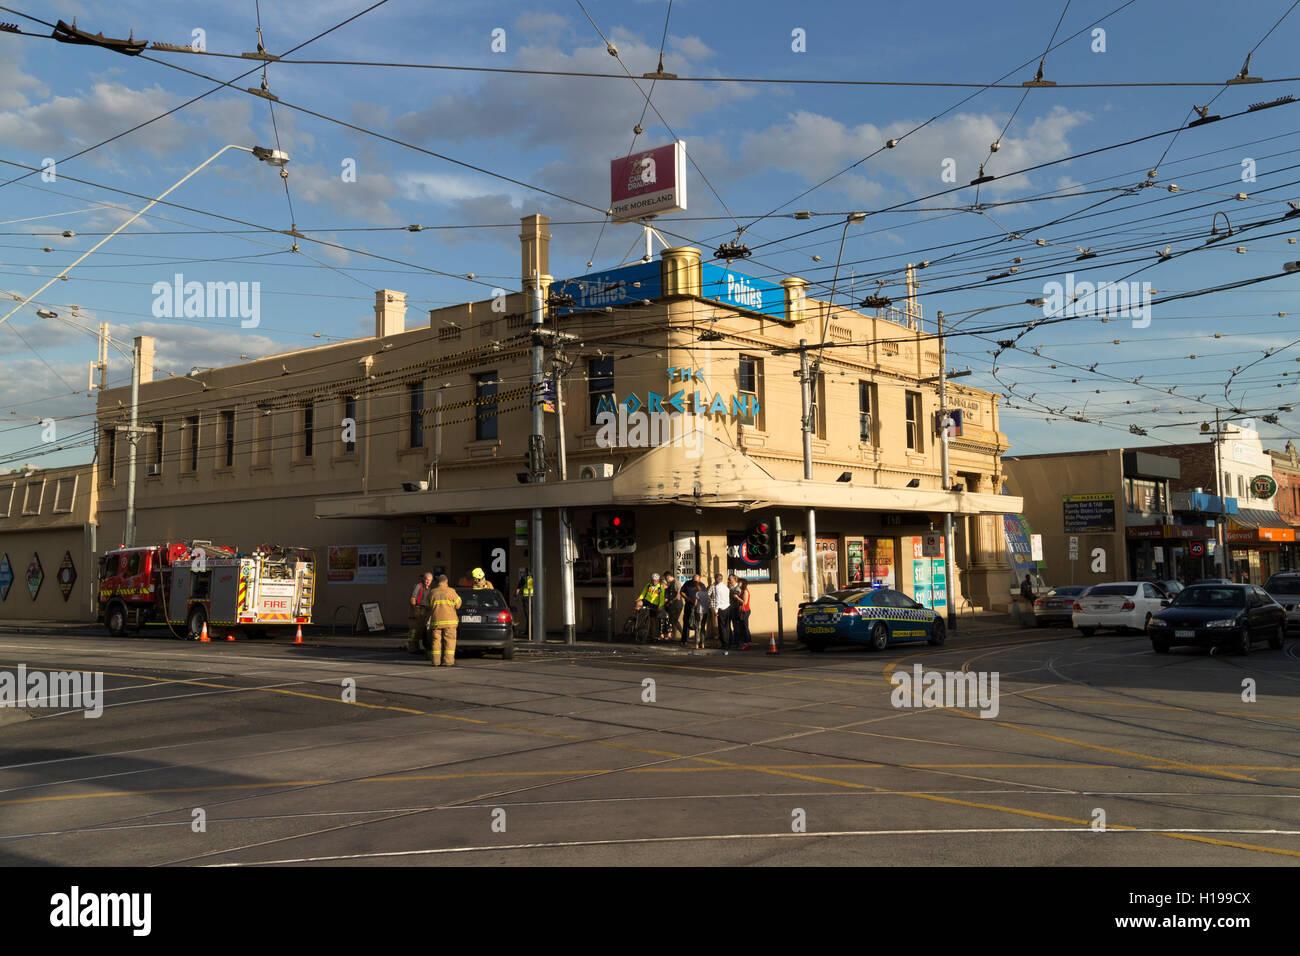 Lujoso Reanudar Expertos Melbourne Galería - Ejemplo De Colección De ...